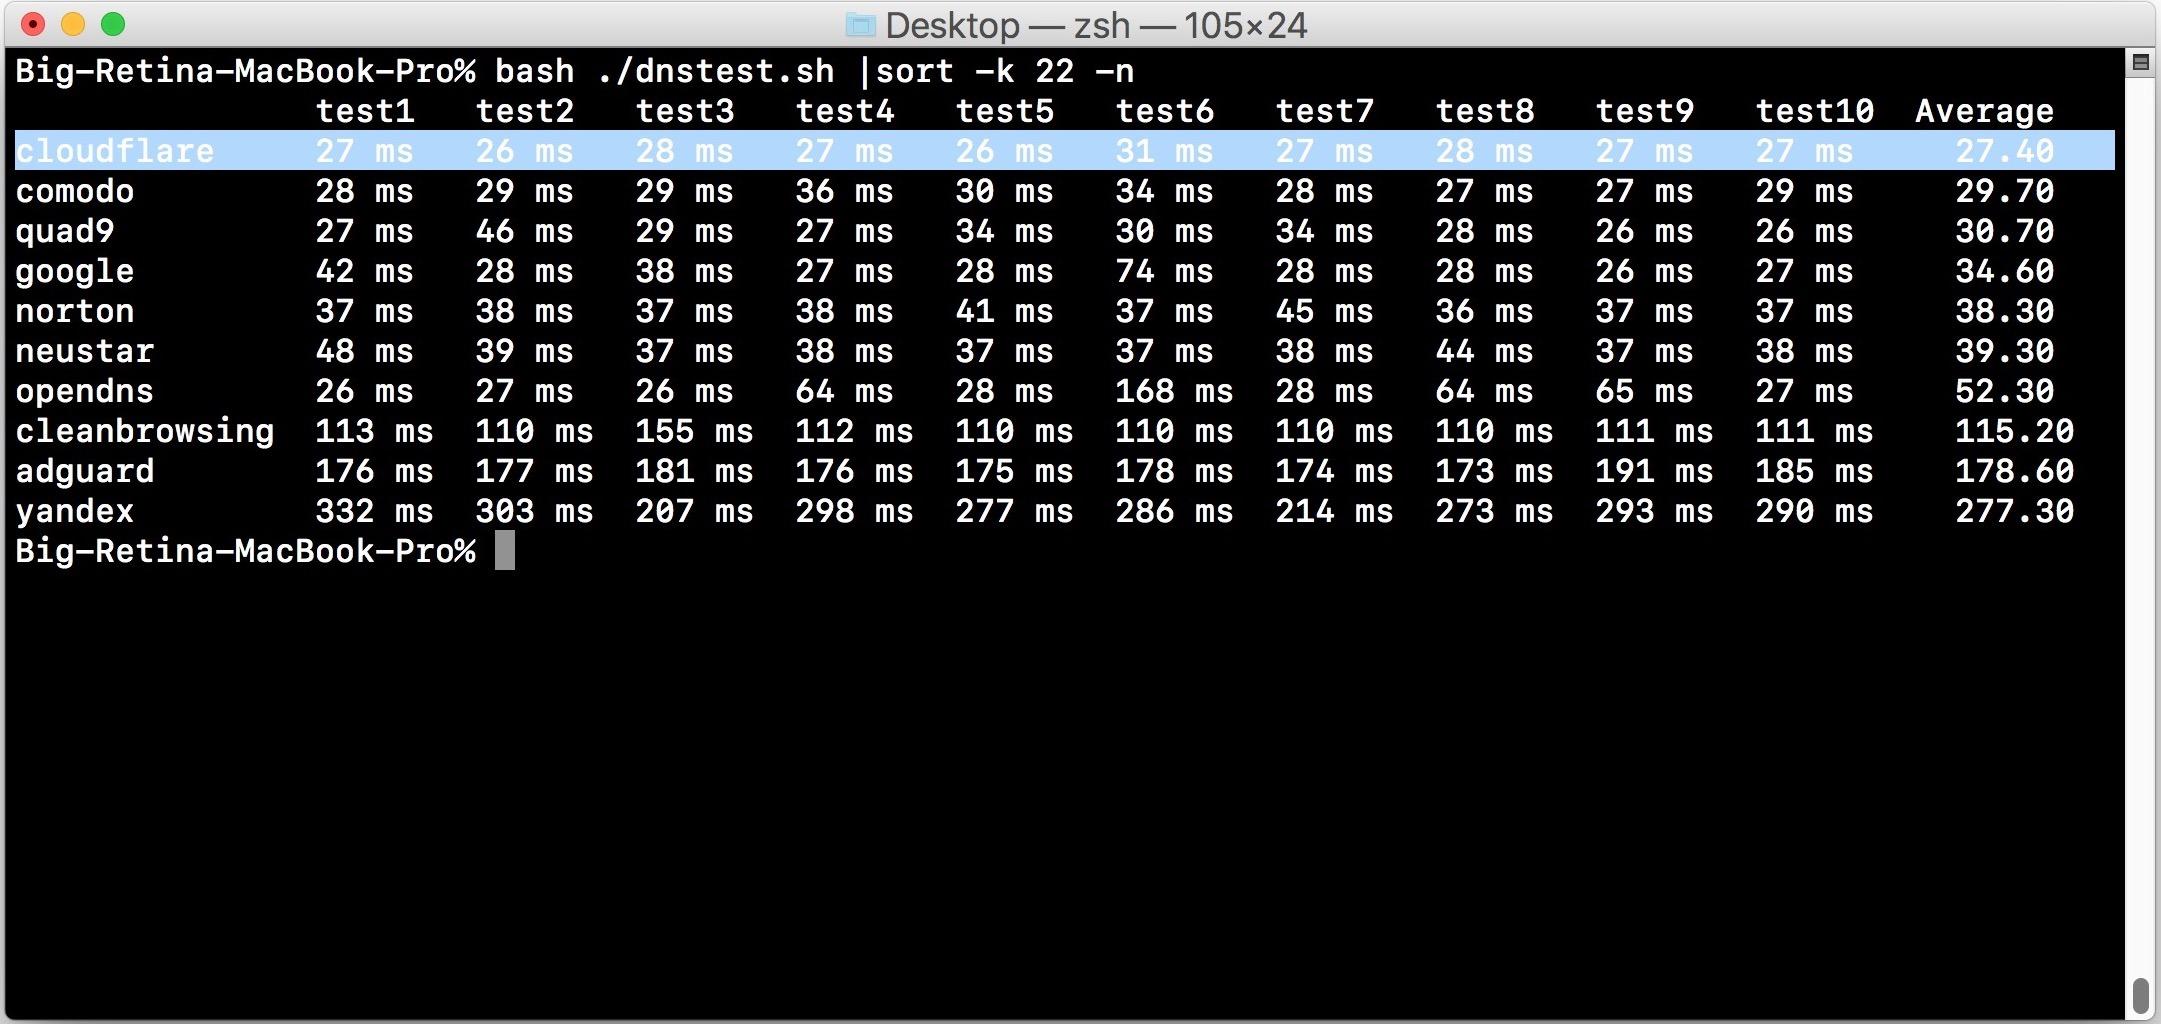 Prestazioni DNS Cloudflare rispetto ad altri DNS